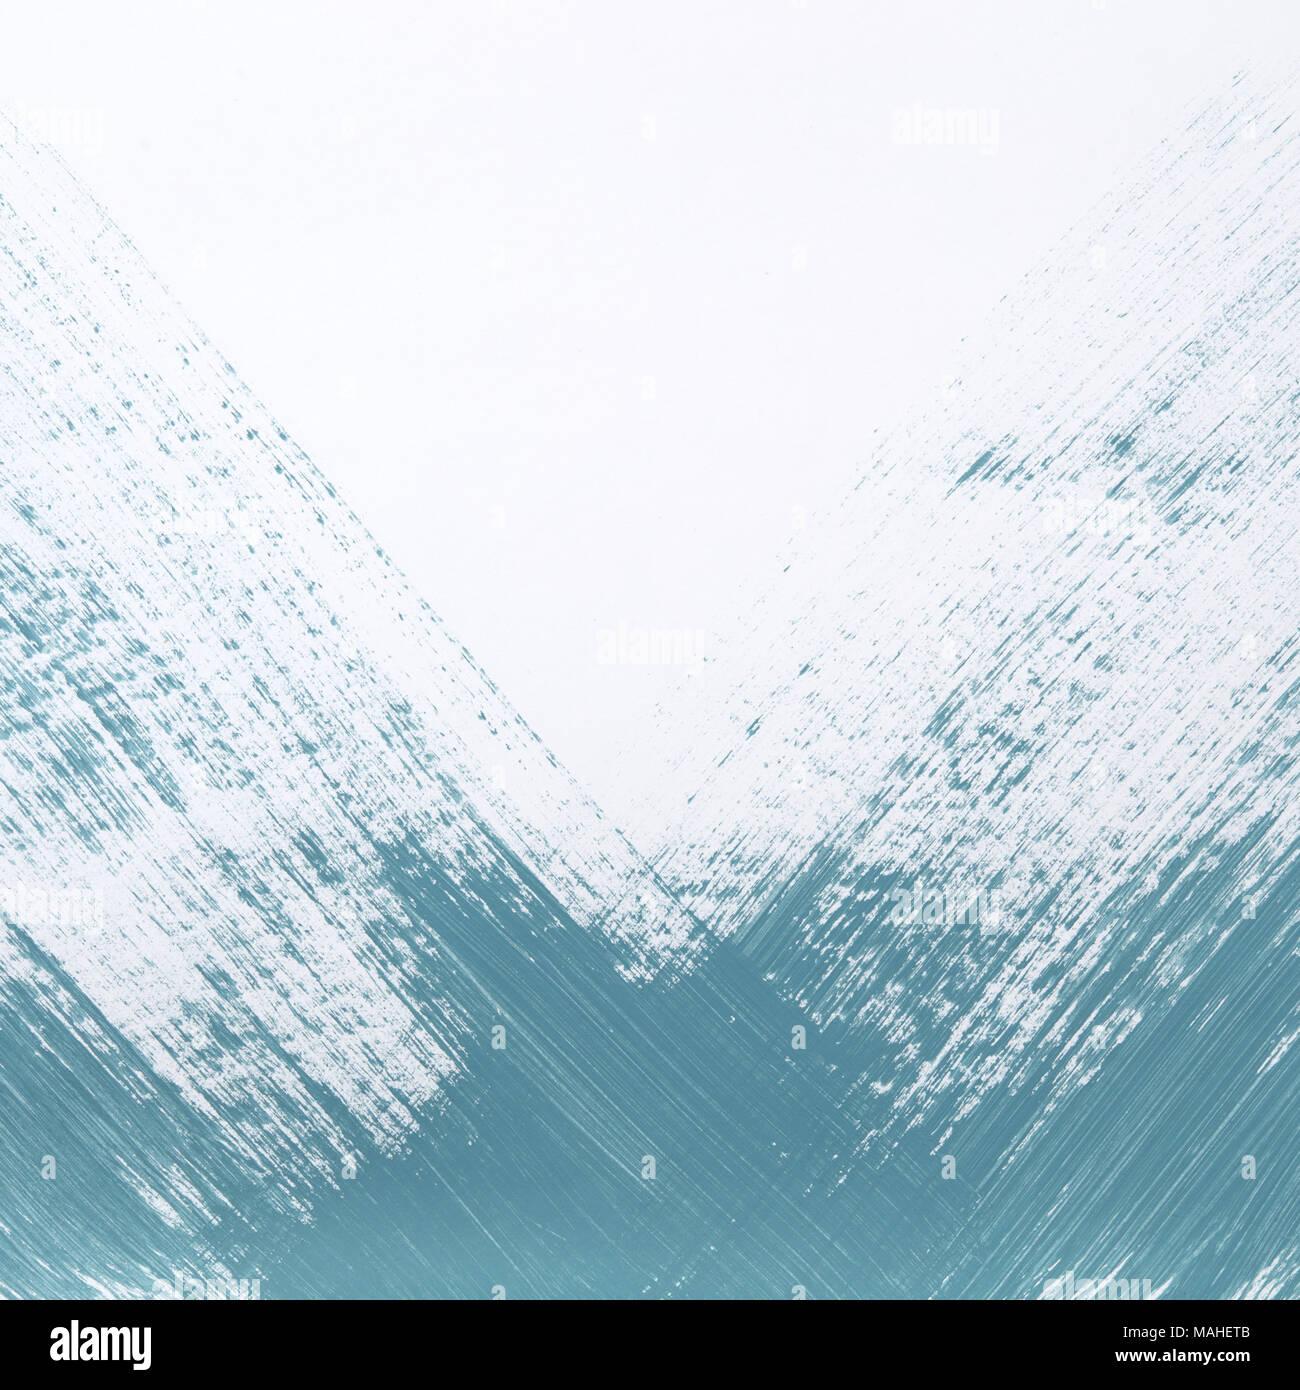 Teal traits de peinture sur fond blanc parfait pour les médias sociaux et des toiles de fond pour ajouter votre image ou texte. Flay jeter ou les frais généraux de droit Banque D'Images